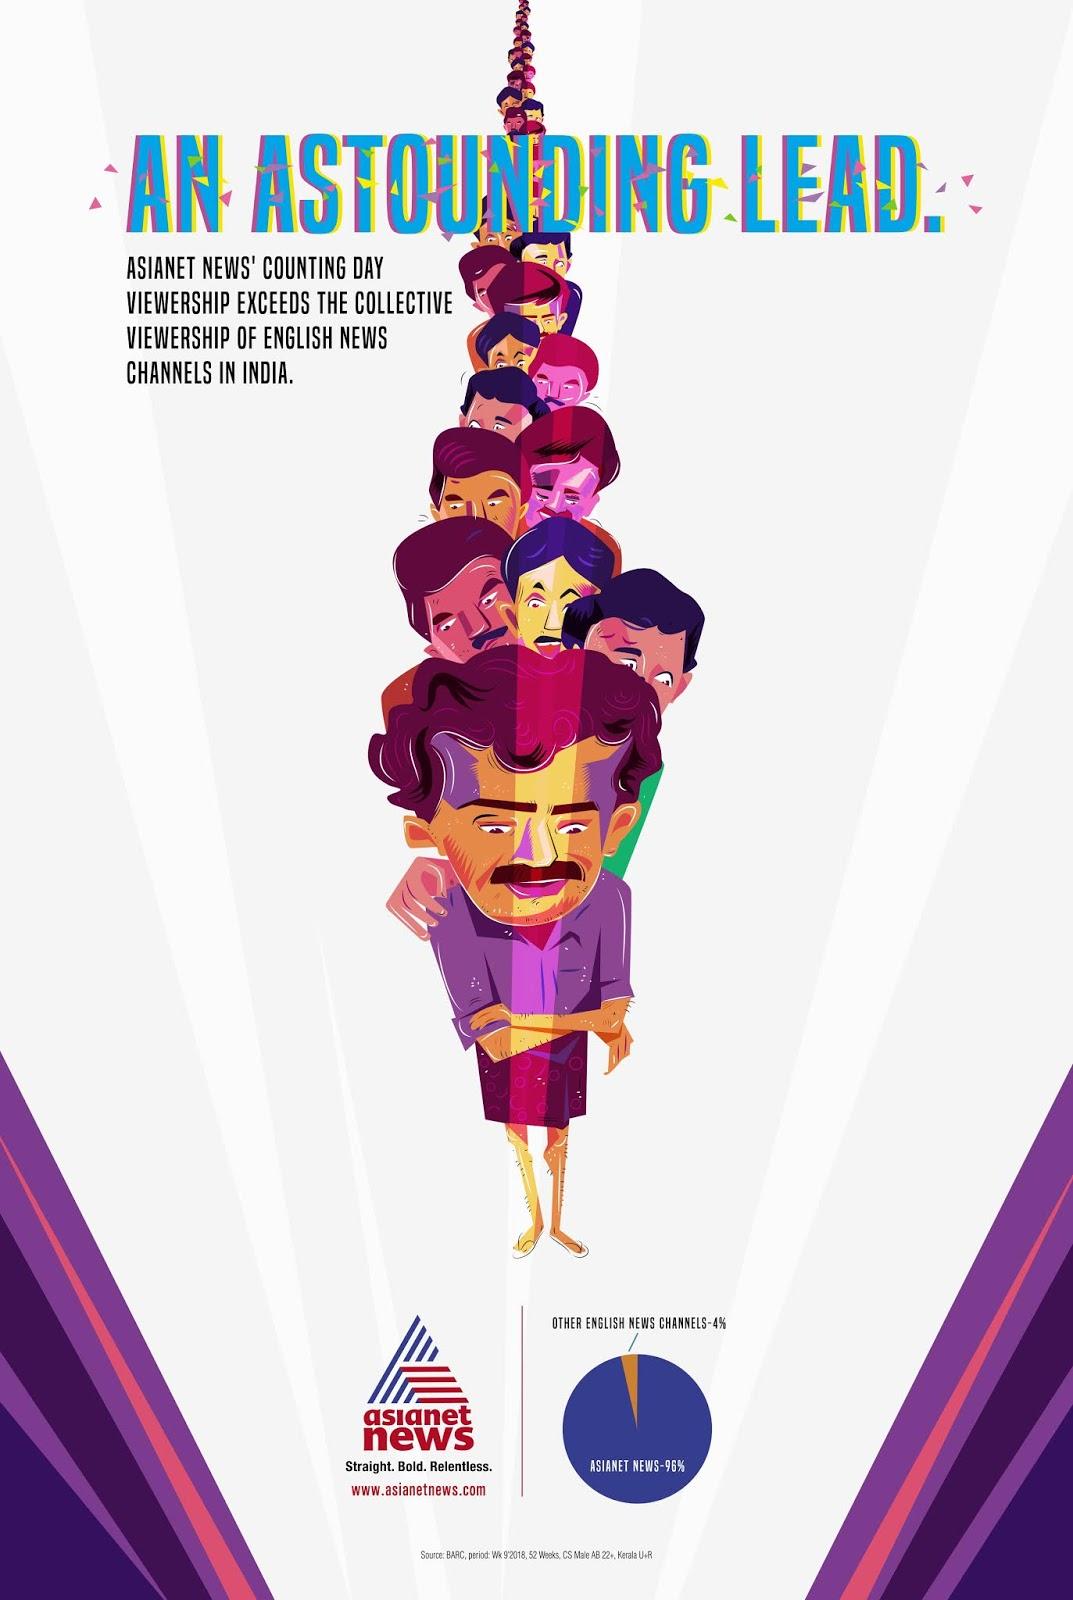 Malayala Manorama | An Astounding Lead - Election Frenzy | Stark Communications Pvt Ltd